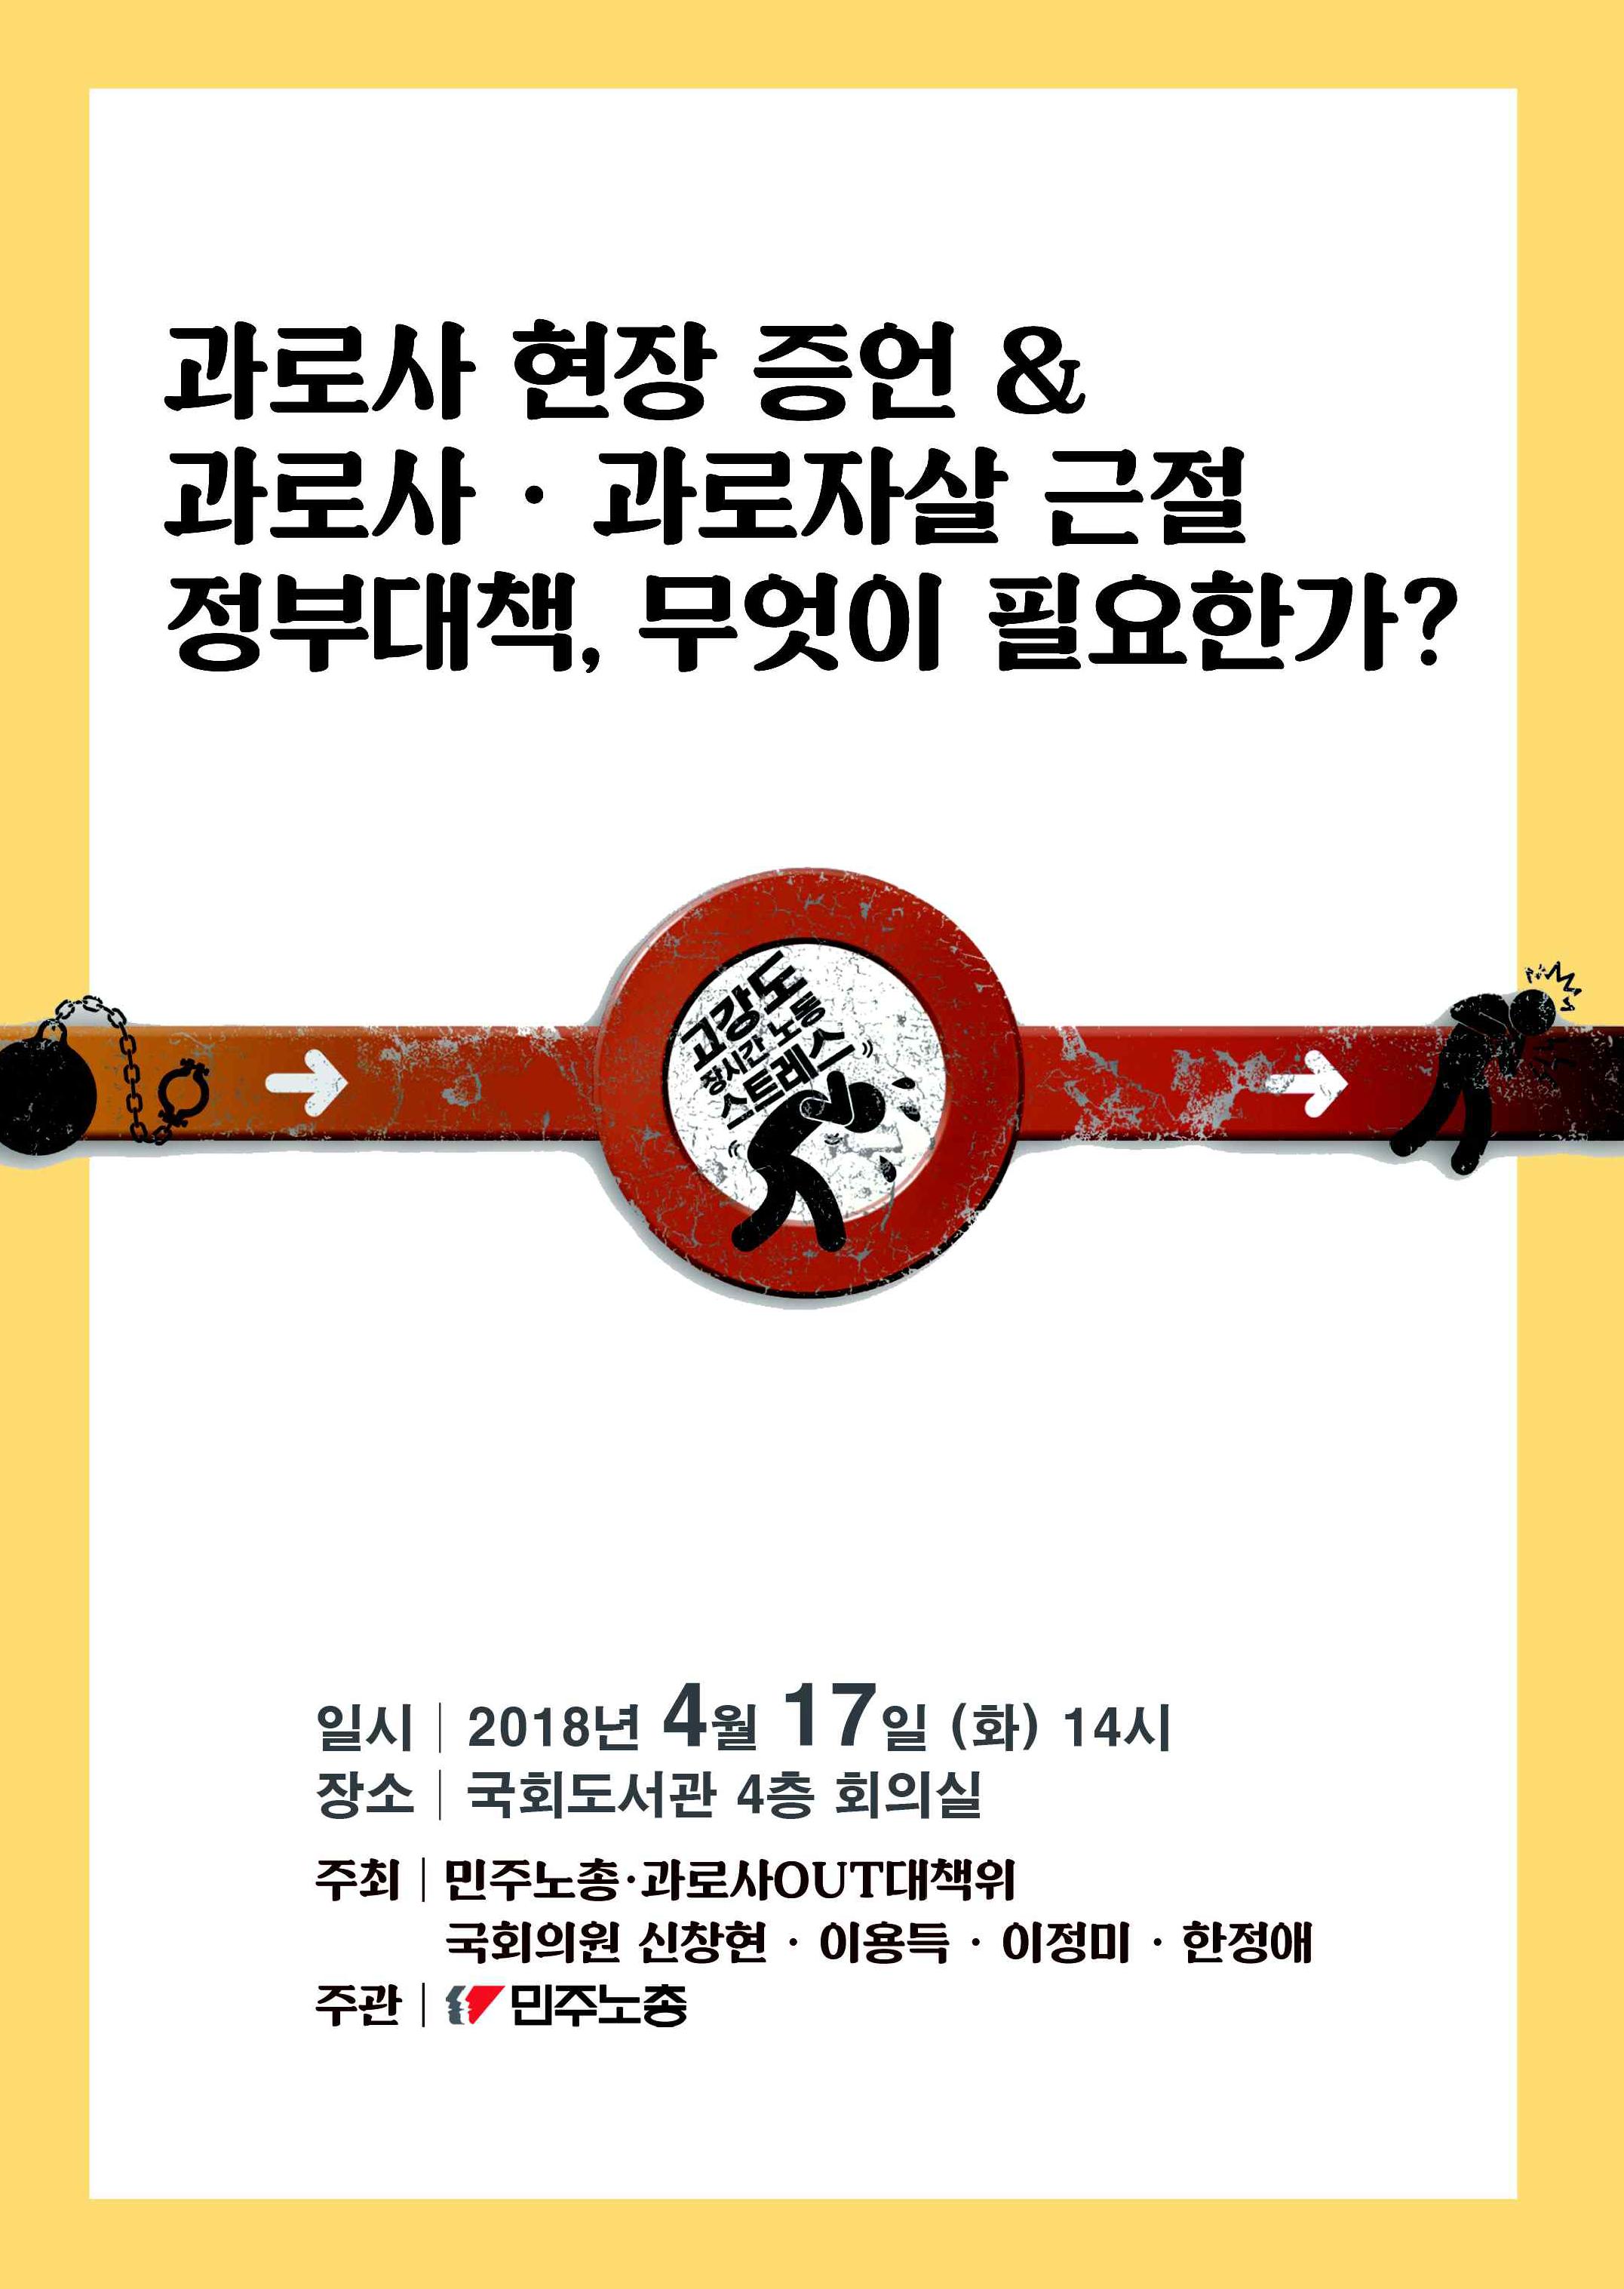 2018-0417_토론회_자료집_최종 1.png